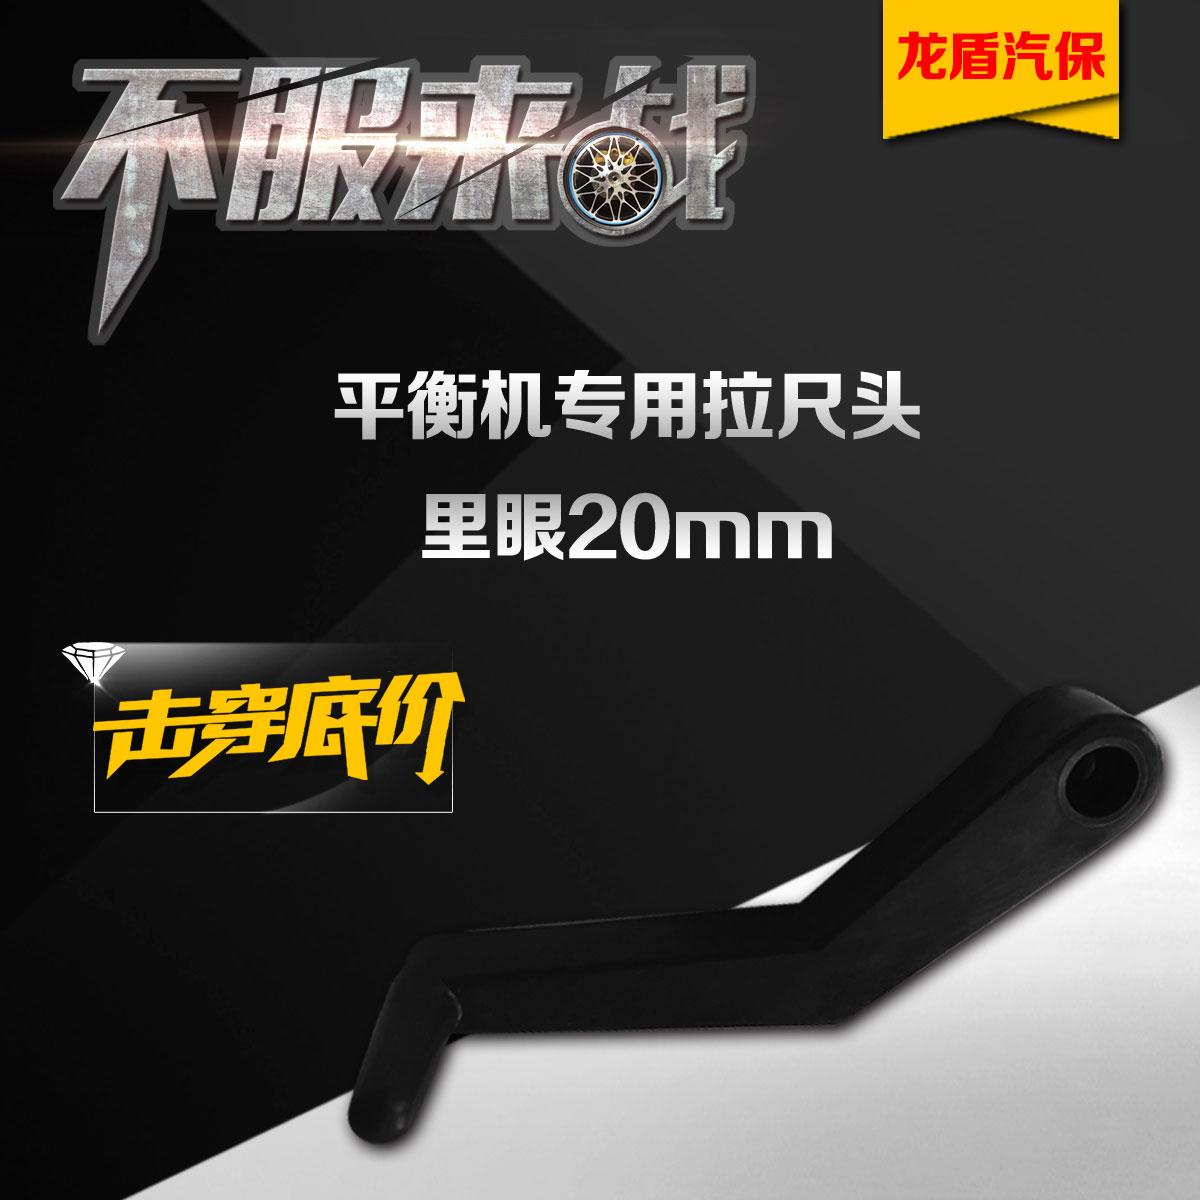 Комплектующие для балансировки шина Балансировочный линейный измеритель линейки